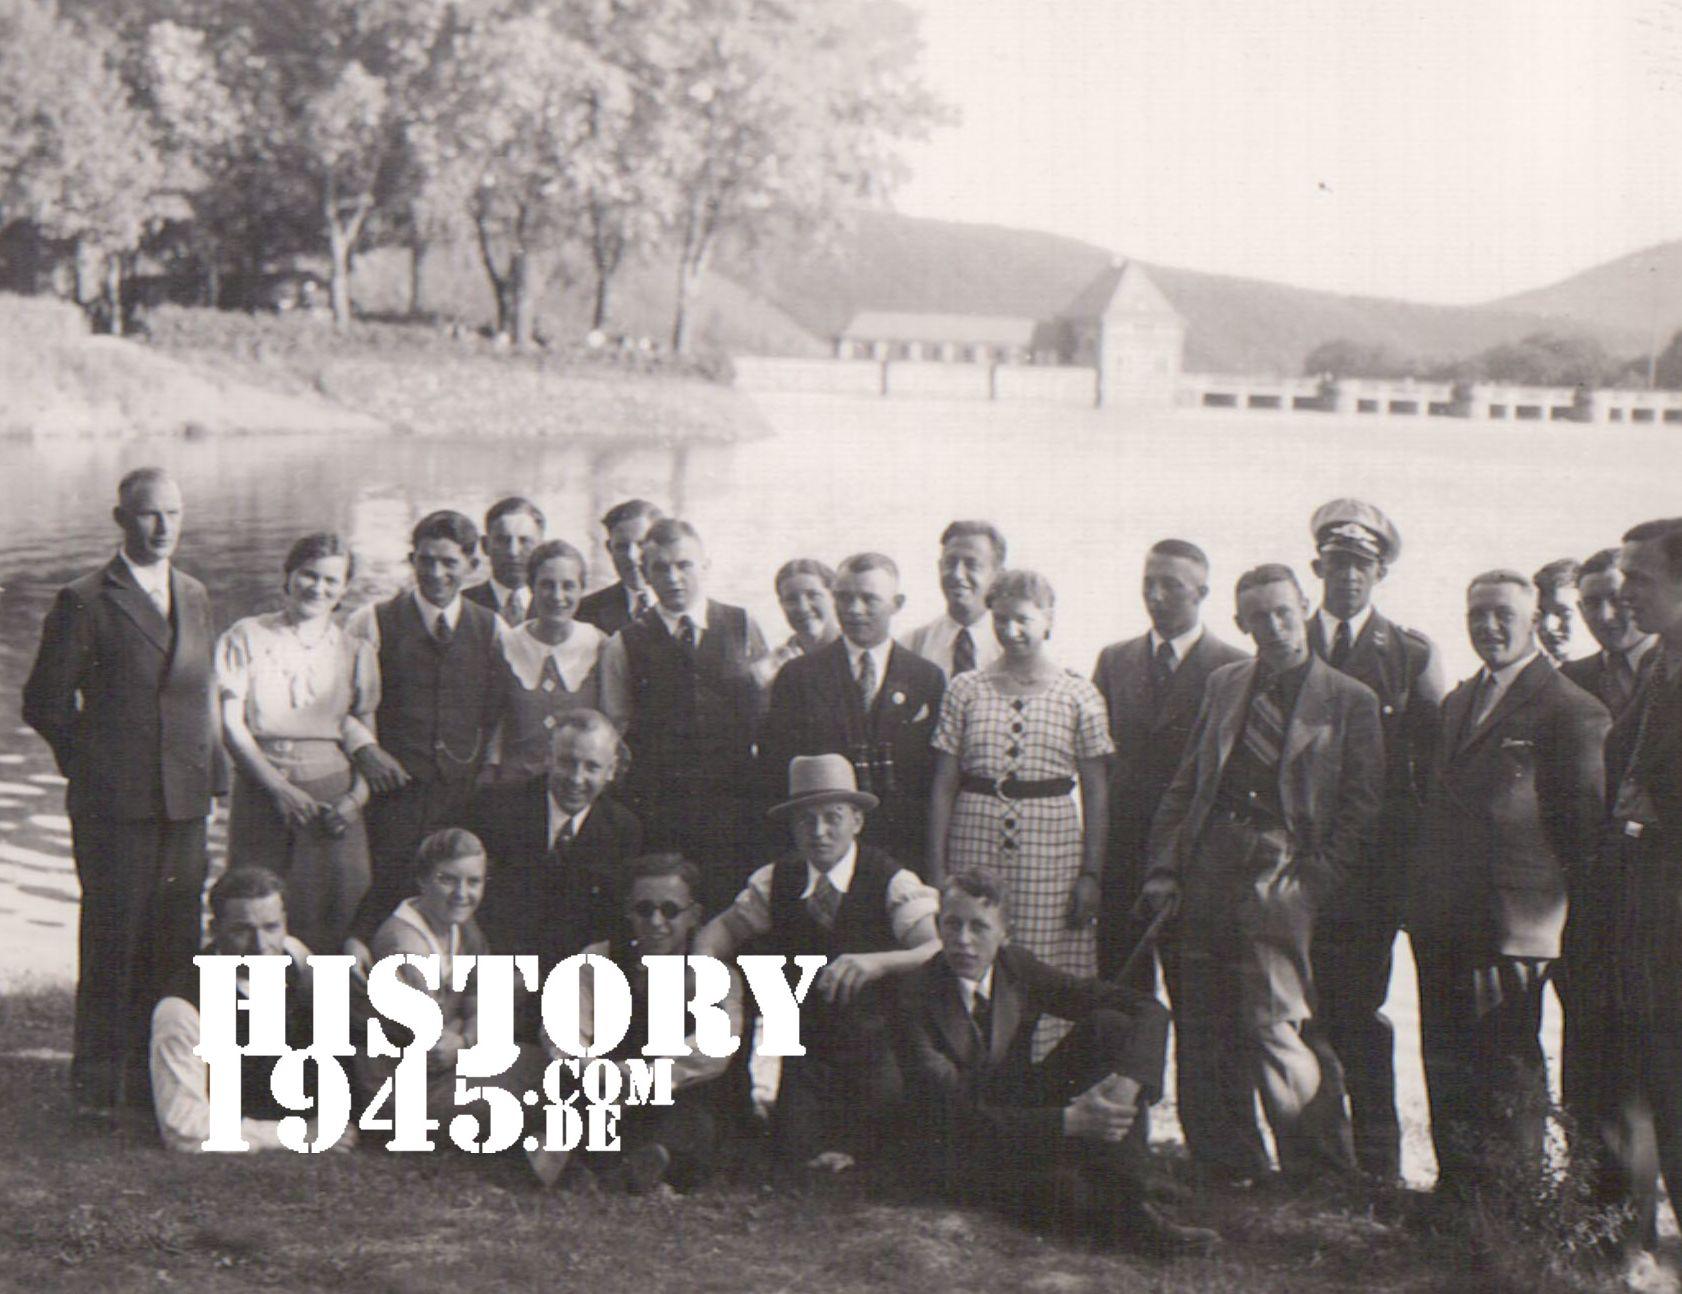 Gruppenbild vor der Edertalsperre Edersee Sperrmauer